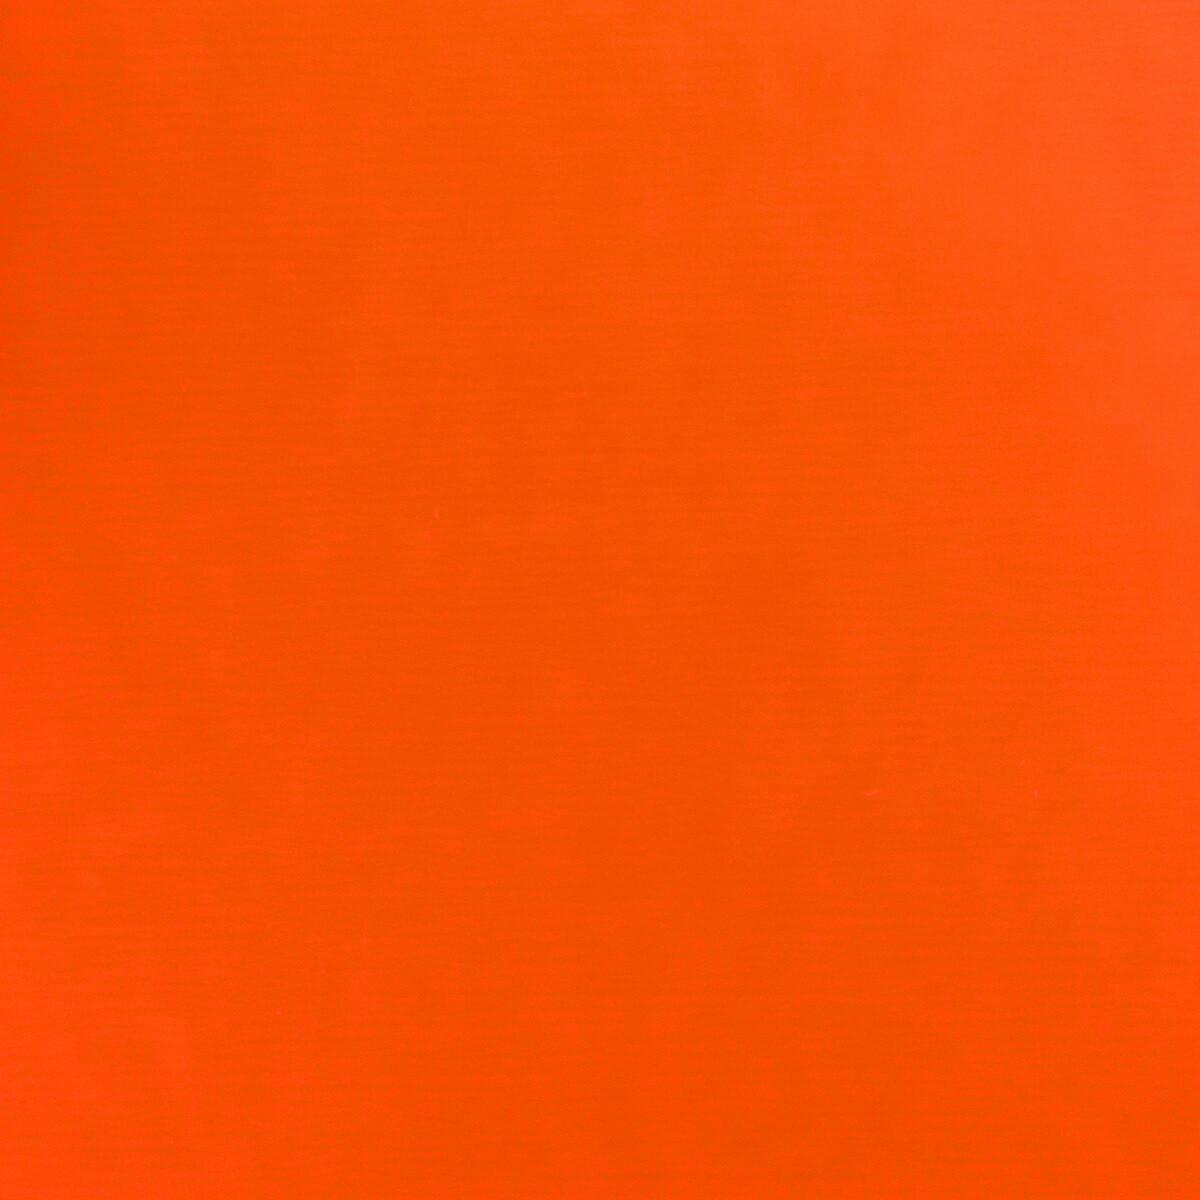 Fluo Orange Hotmark Revolution HTV - Large Roll